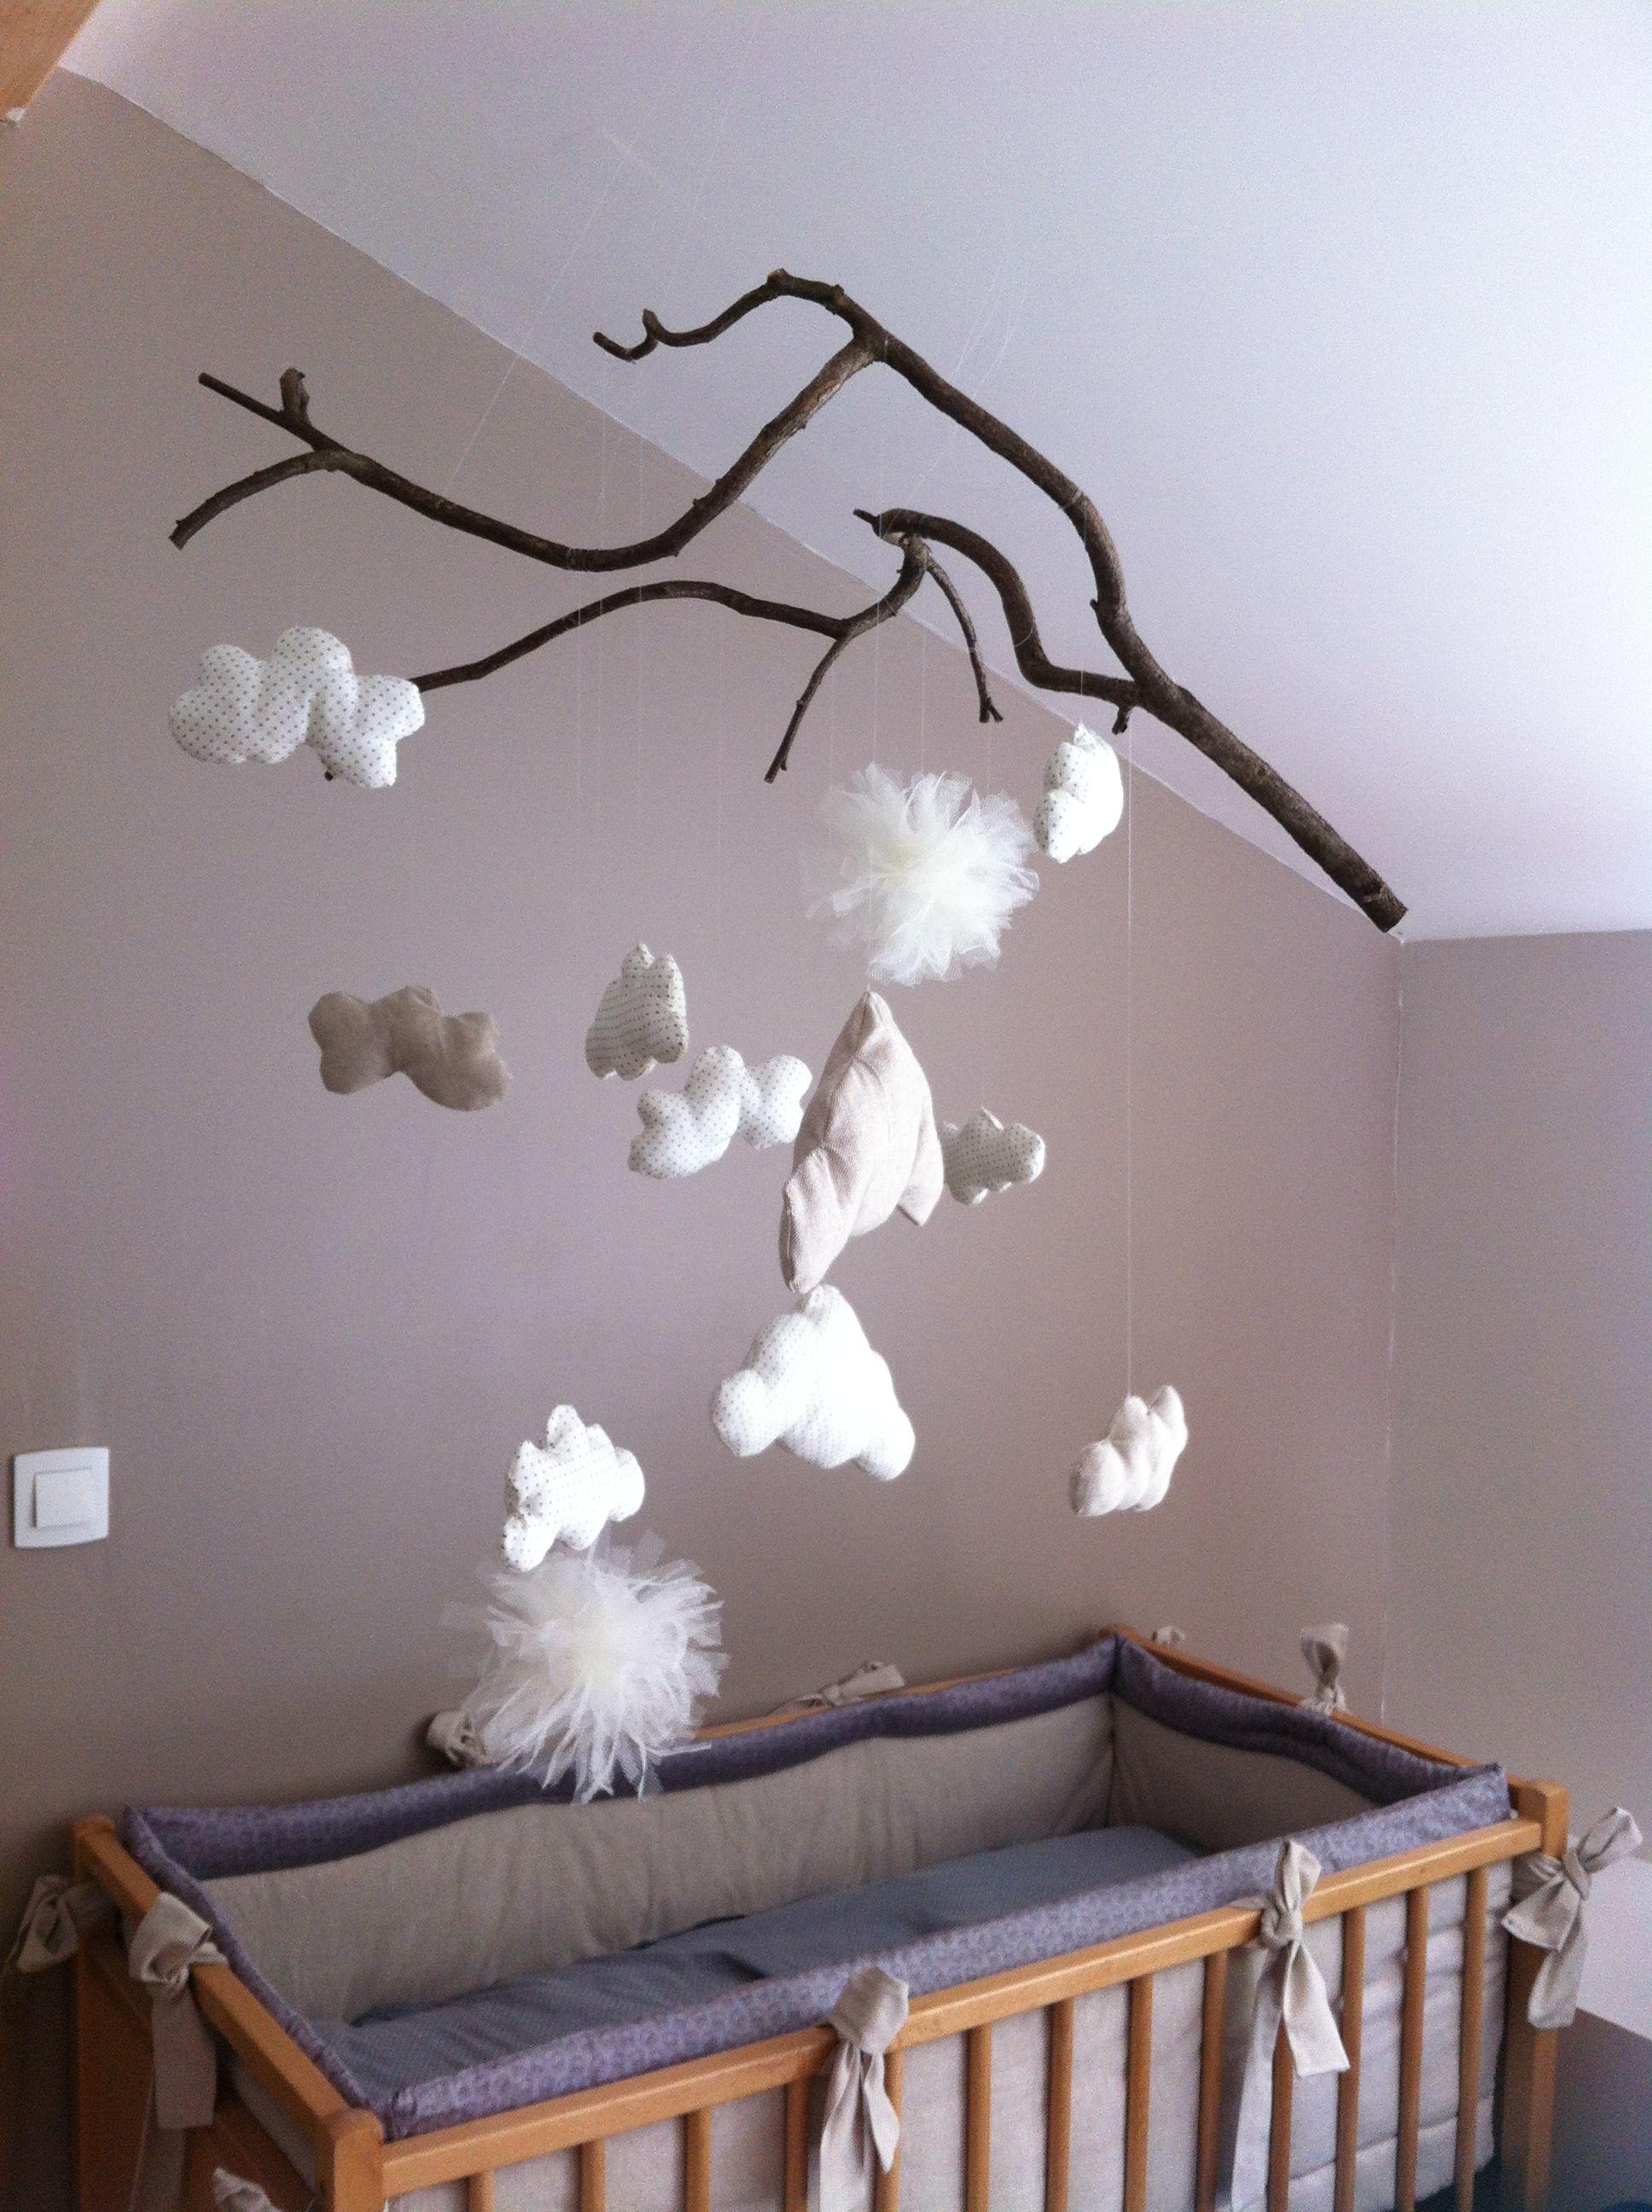 Mobile nuage pour la chambre de b b clouds for nursery Deco chambre bebe nuage